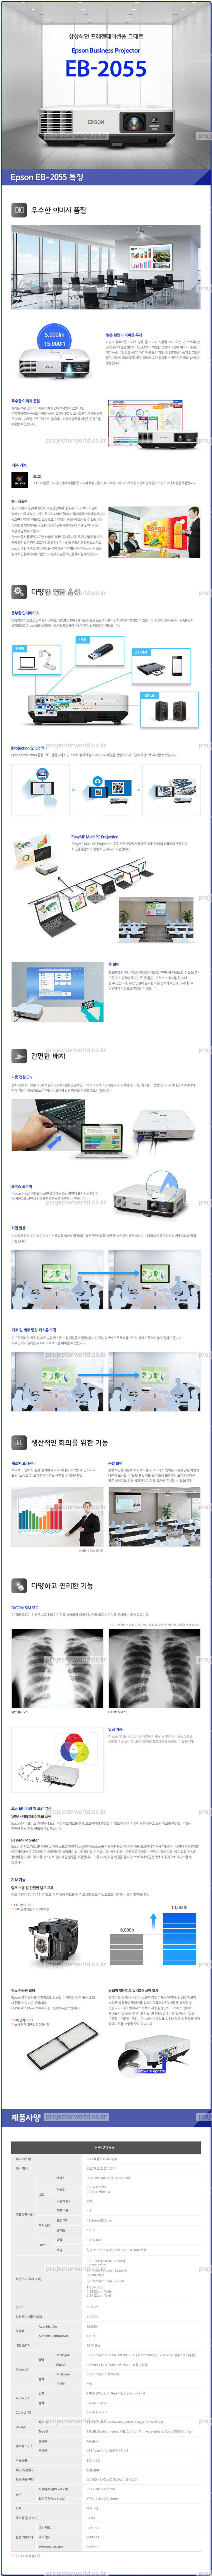 상품 상세보기 : 프로젝터 - EB-2055